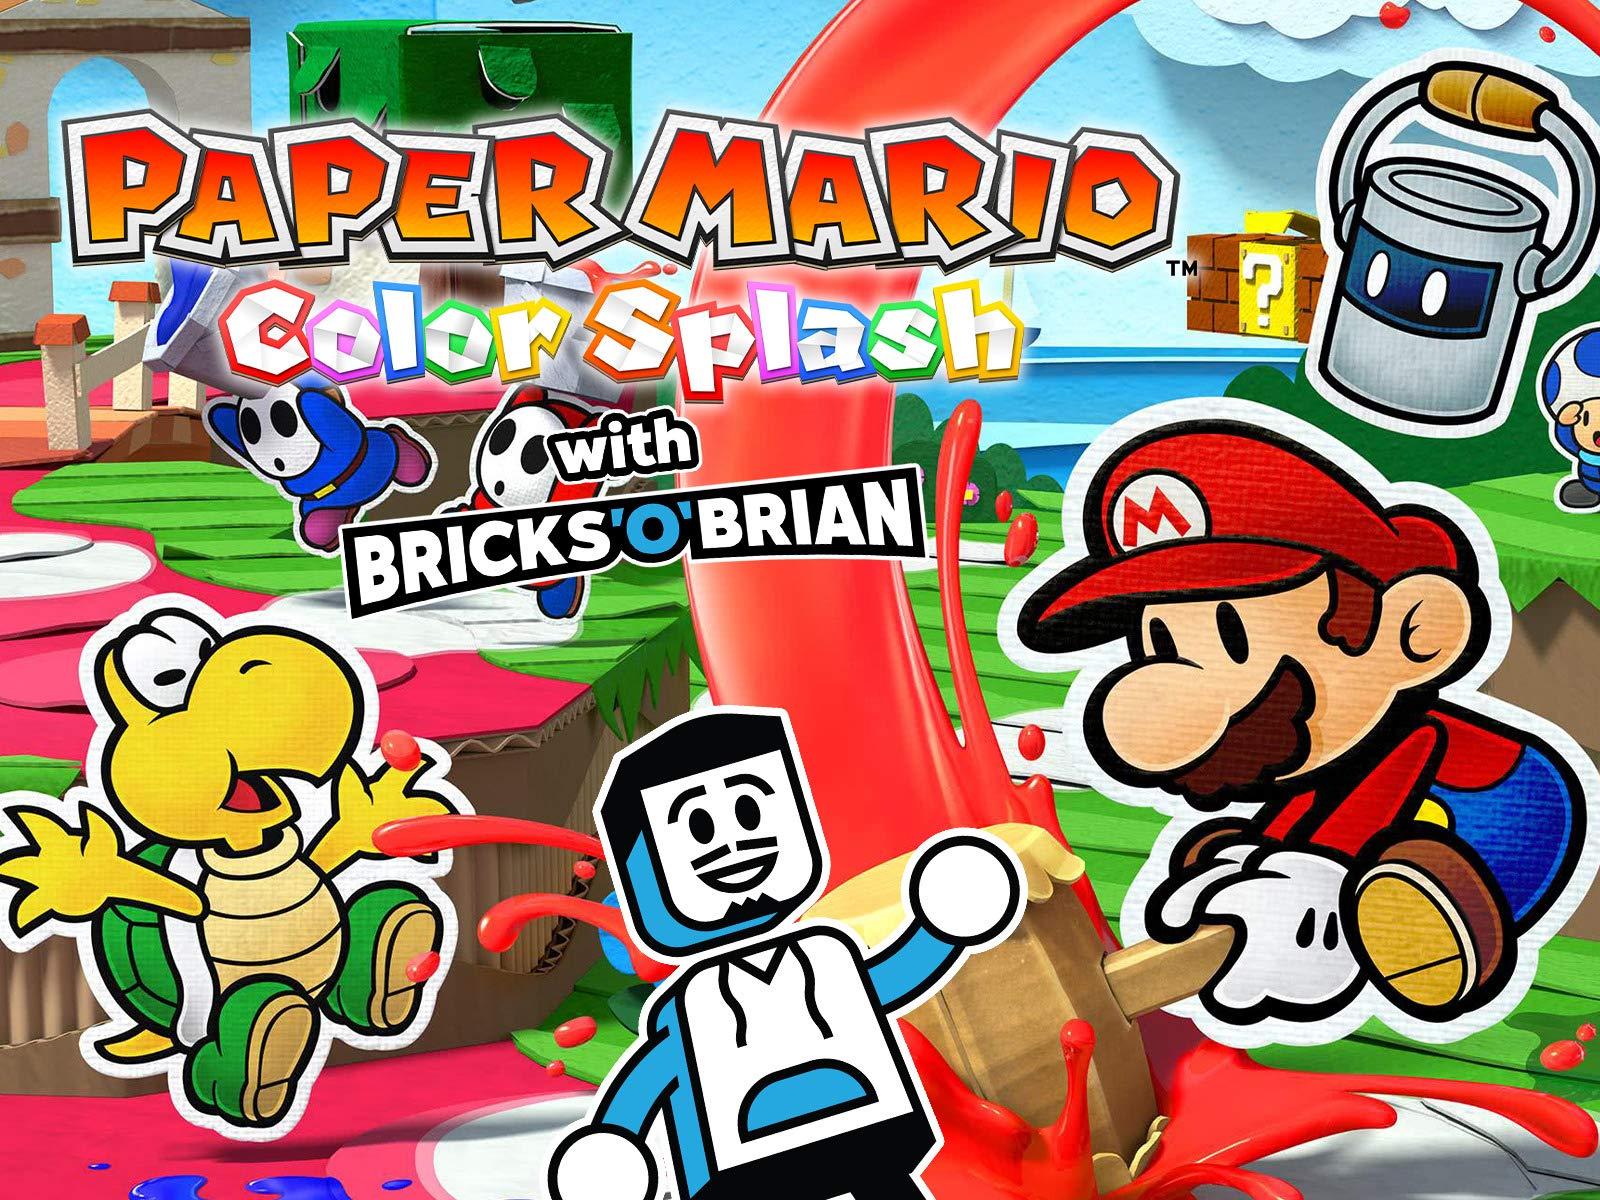 Clip: Paper Mario Color Splash with Bricks 'O' Brian! - Season 1